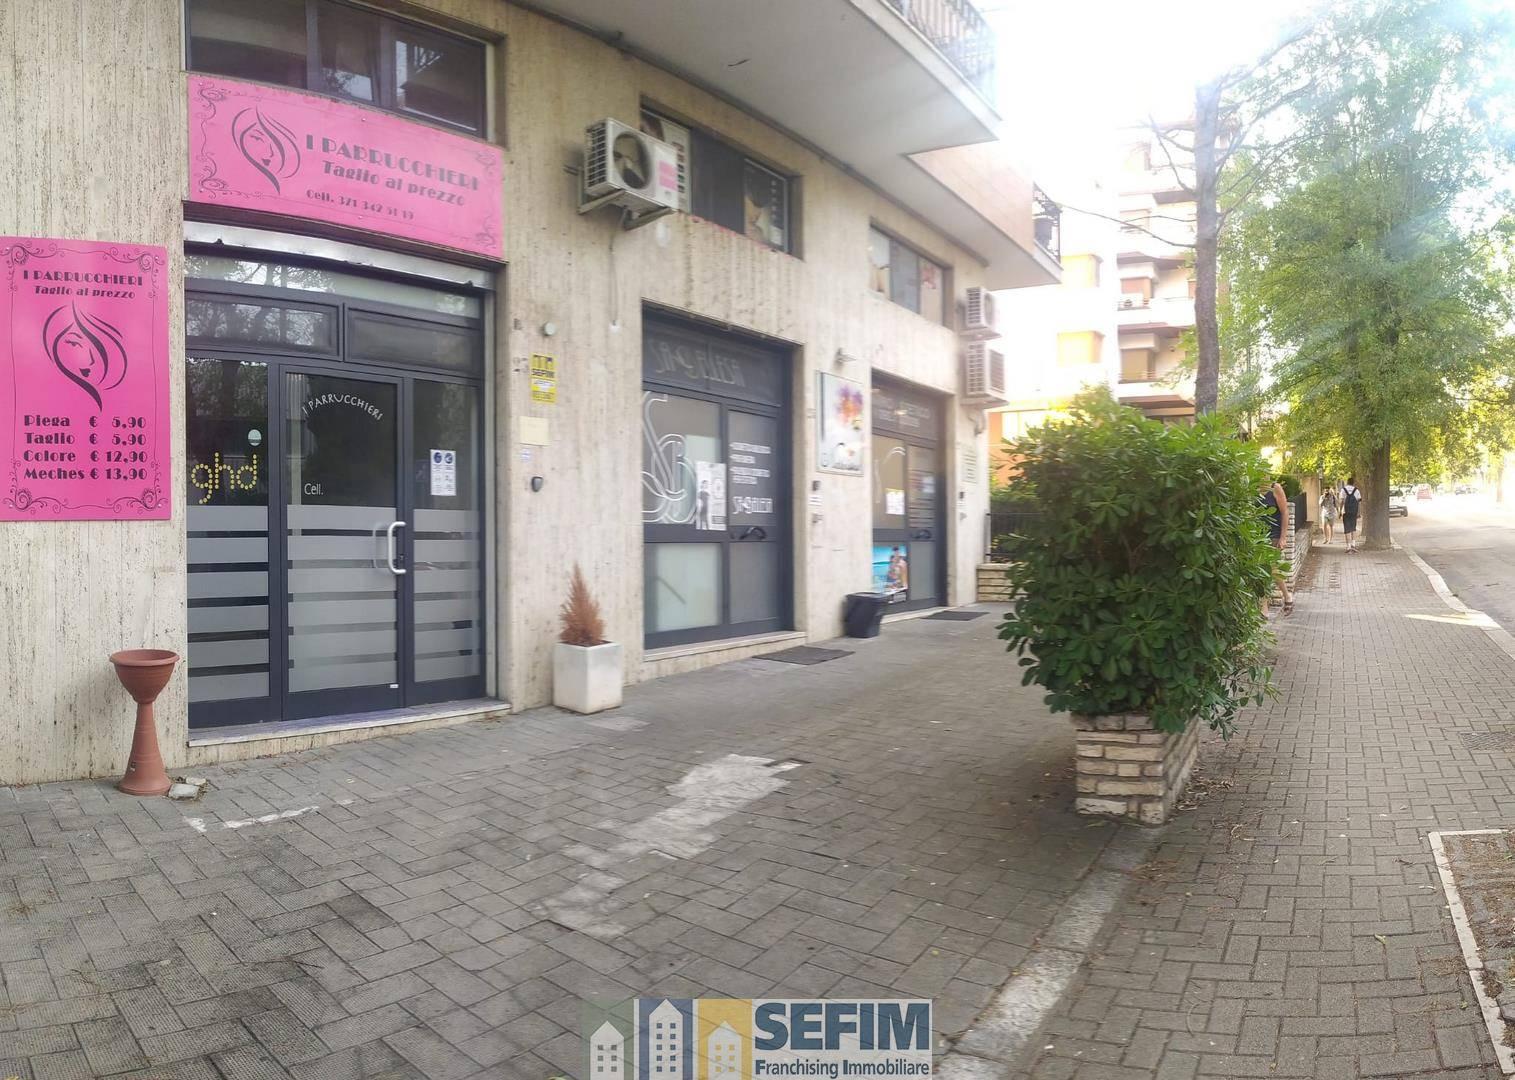 Attività / Licenza in affitto a Matera, 2 locali, zona Zona: Centro direzionale, prezzo € 600 | CambioCasa.it